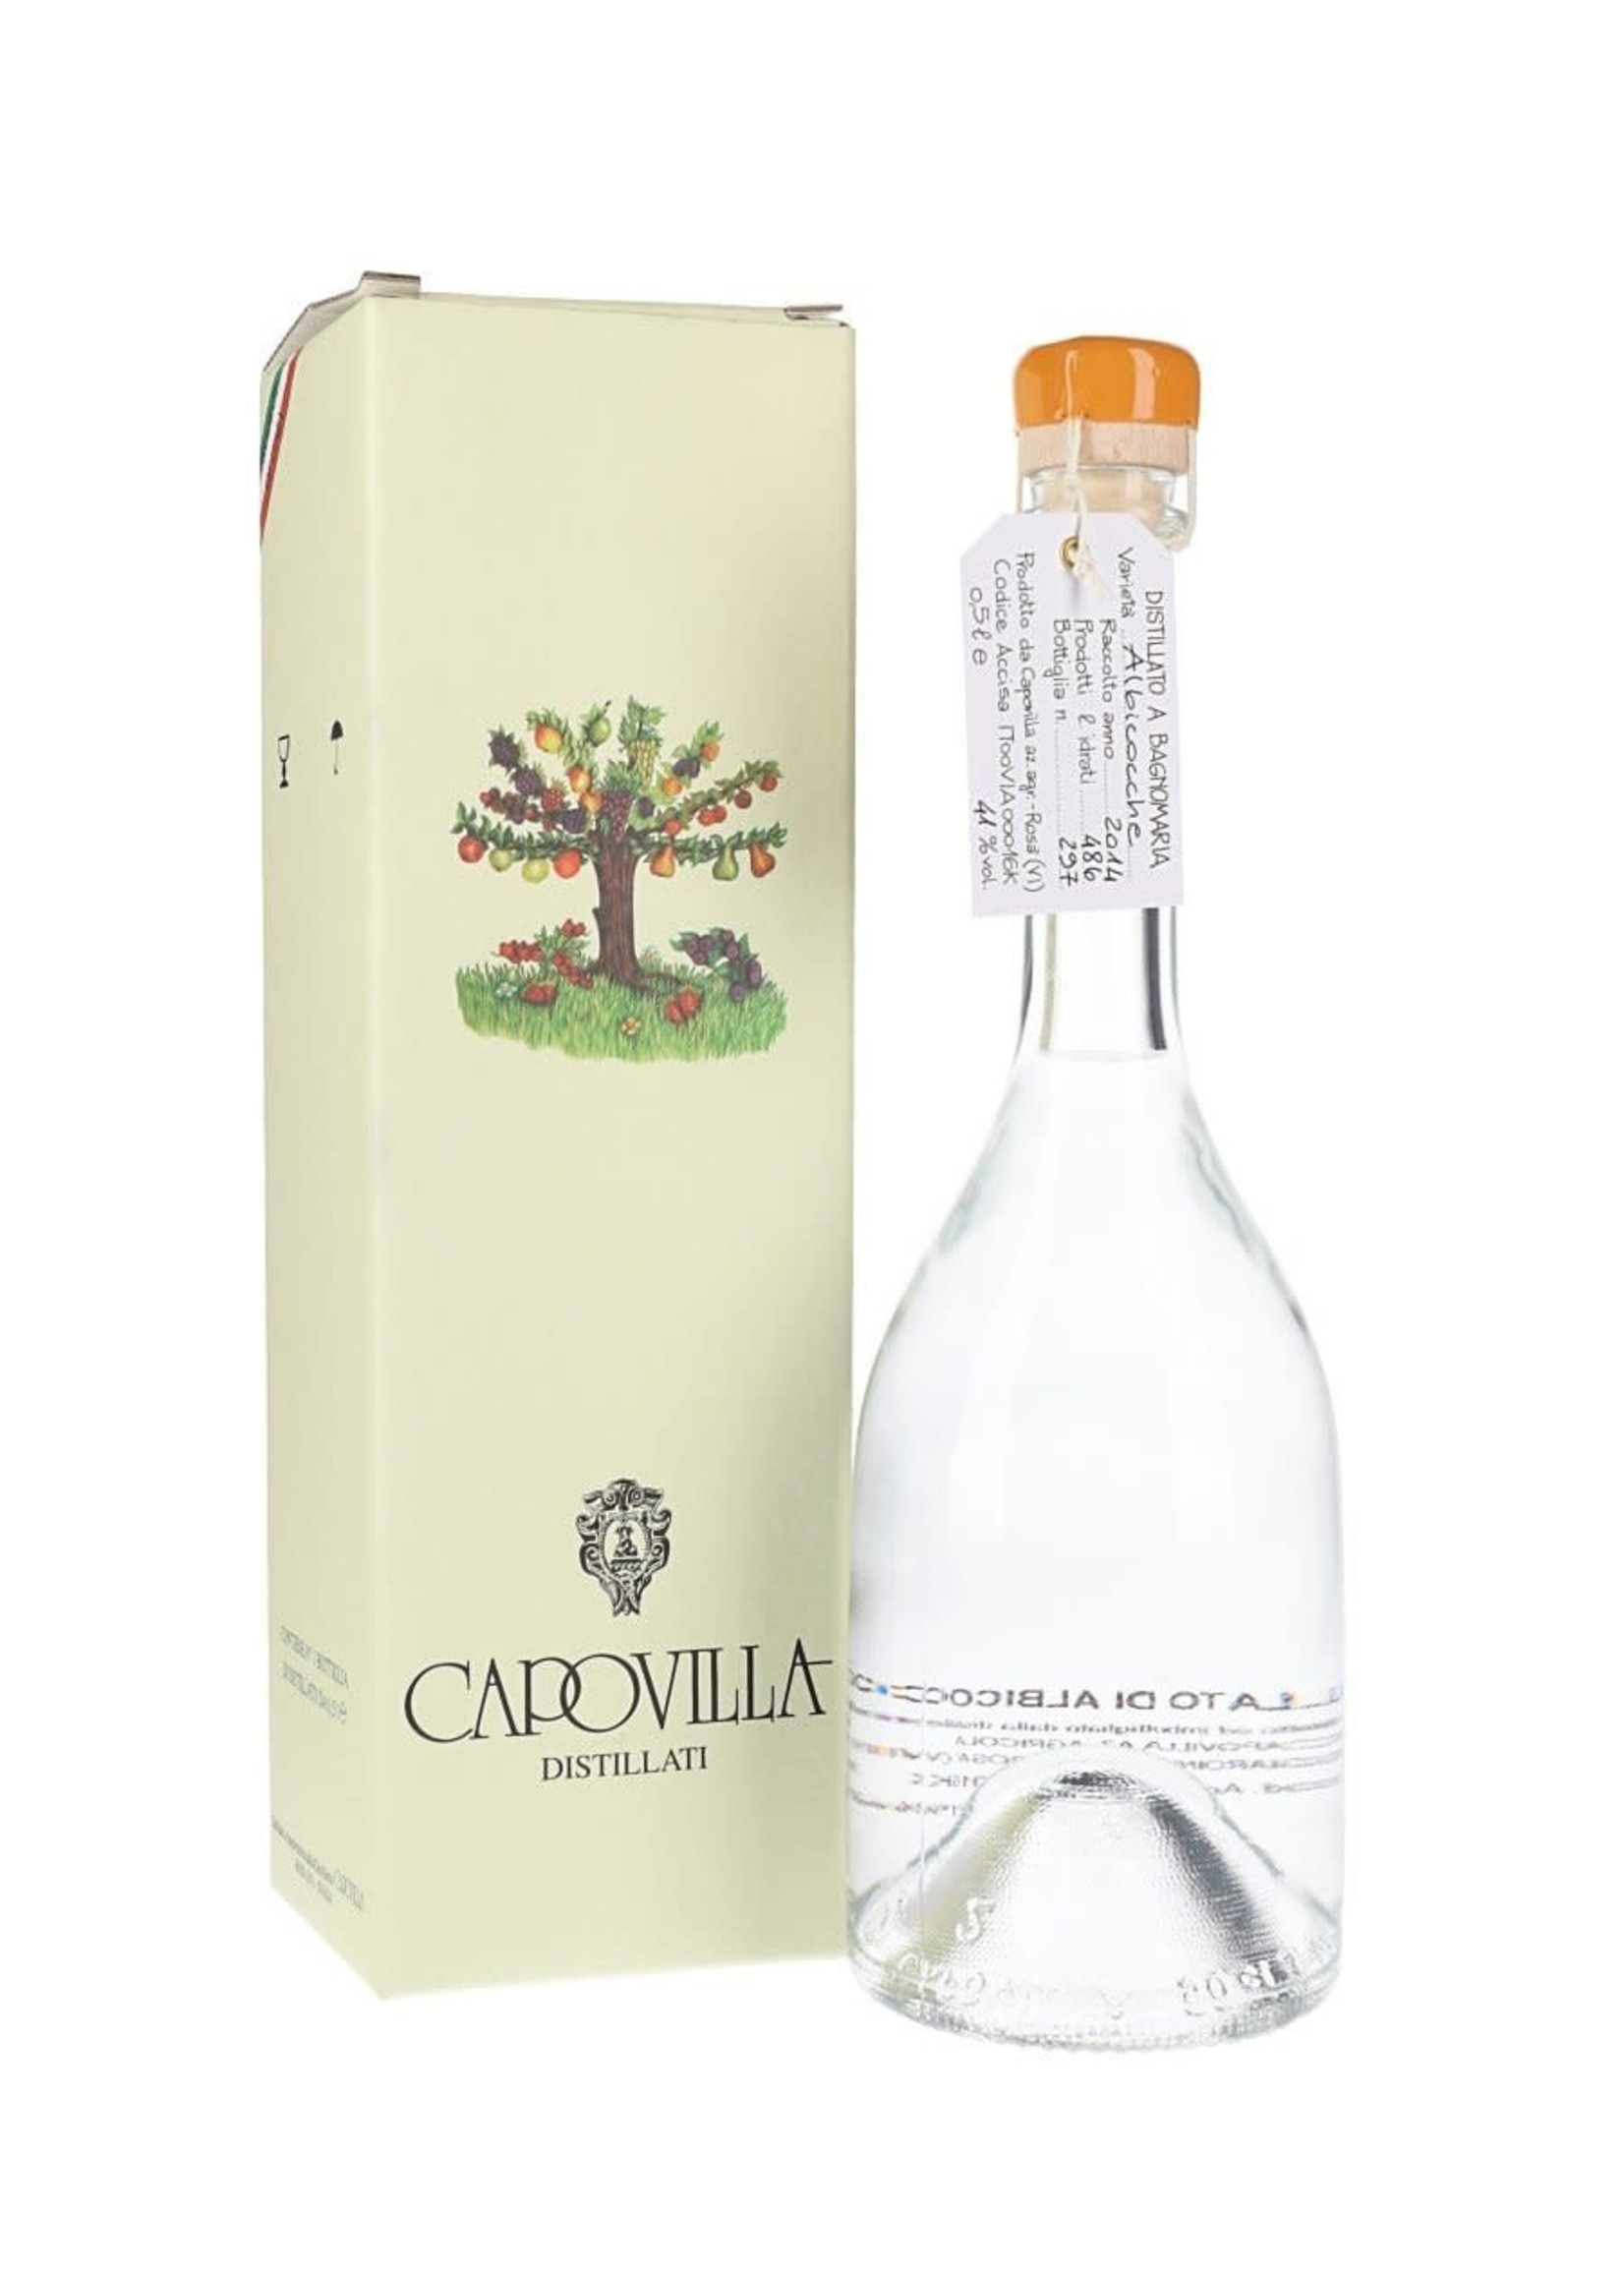 Capovilla Capovilla / Apricots distillate (NV) 375mL